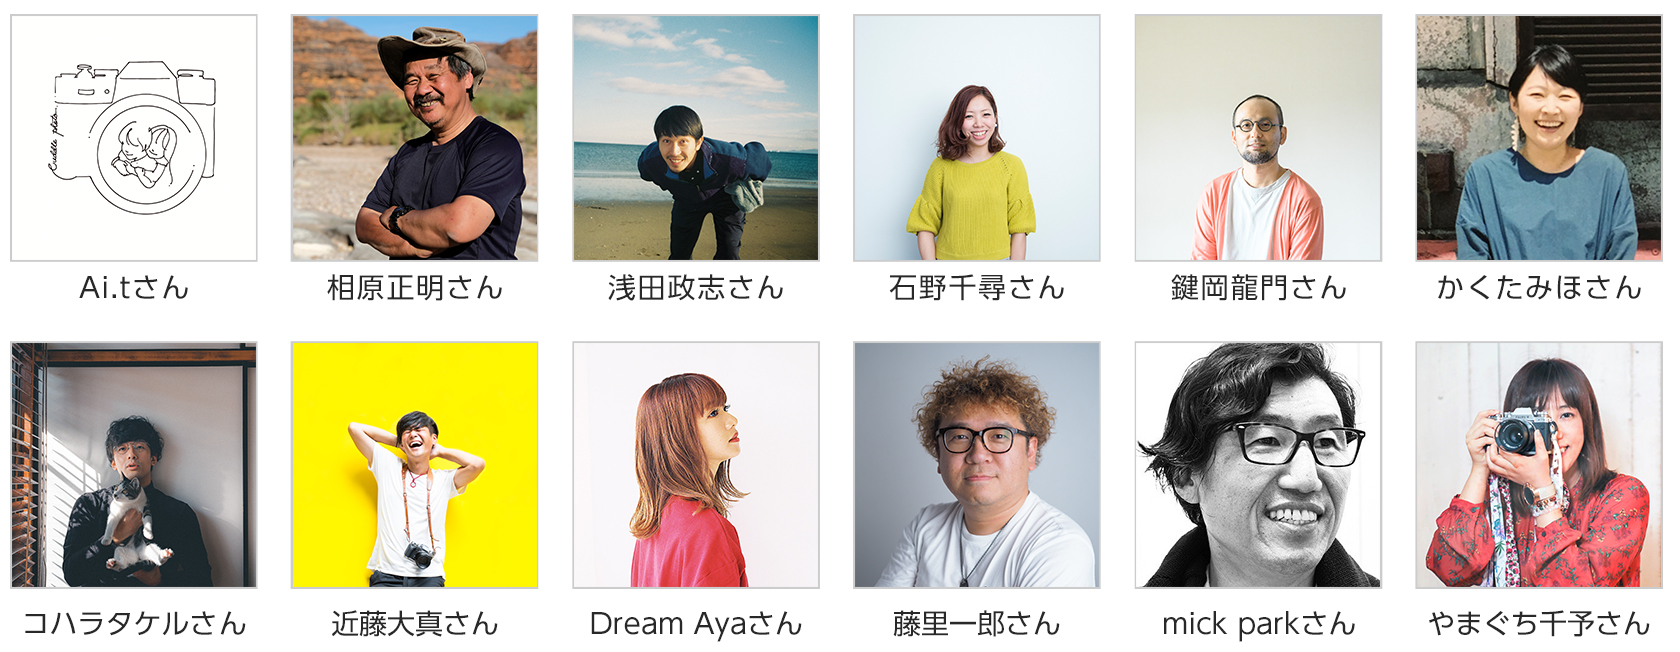 [画像]写真家